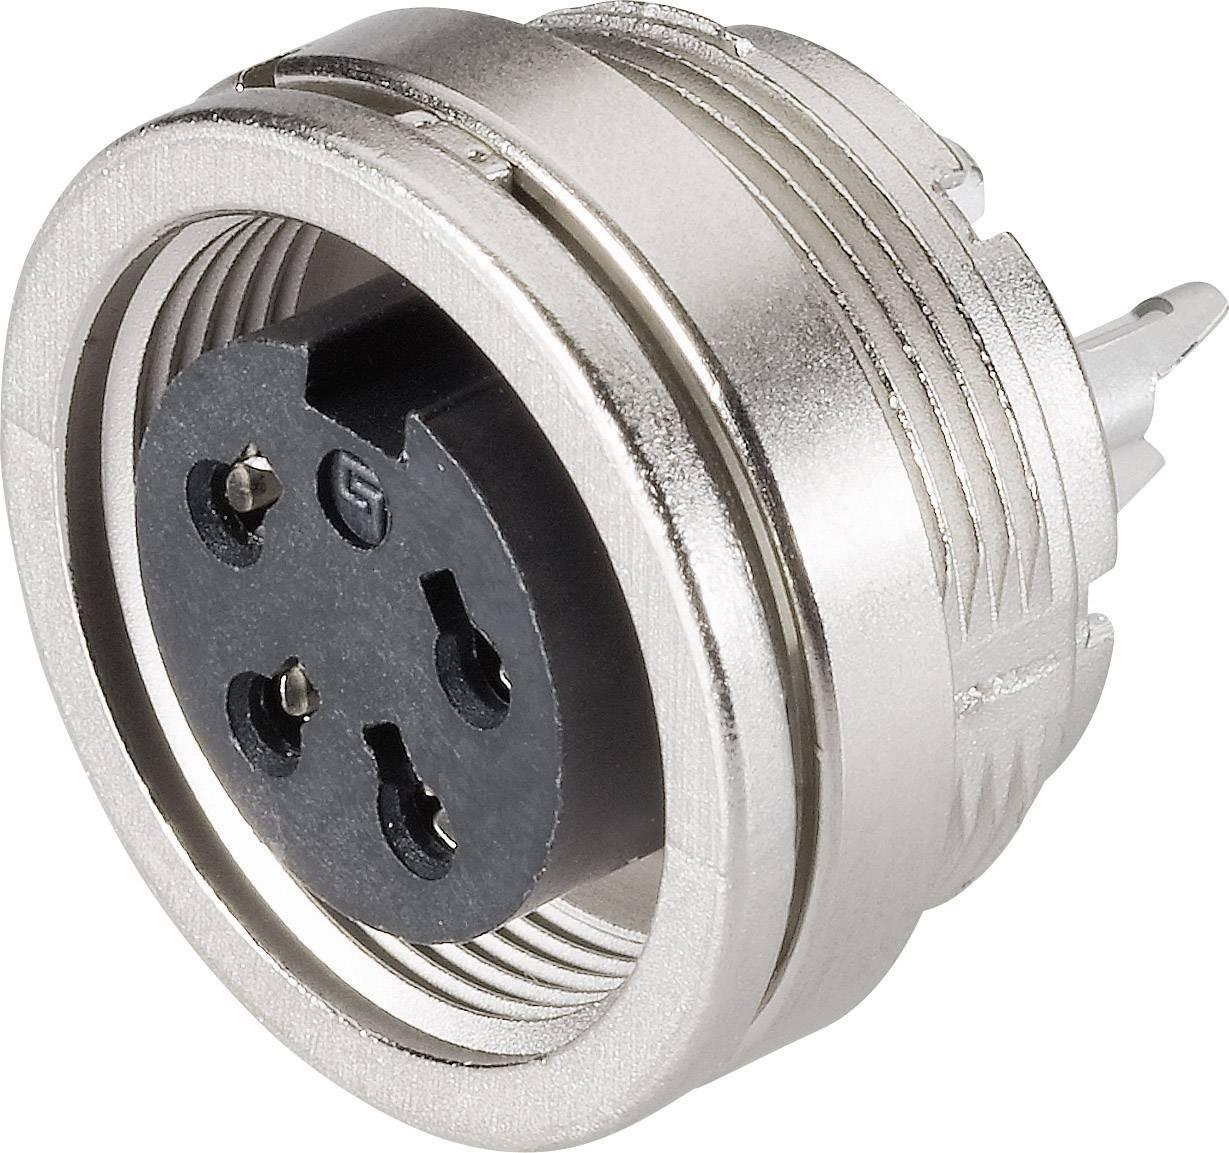 Miniatúrny okrúhly konektor mini guľatý konektor Guľatý konektor Binder 09-0328-00-07 5 A, IP40, poniklovaná, 1 ks